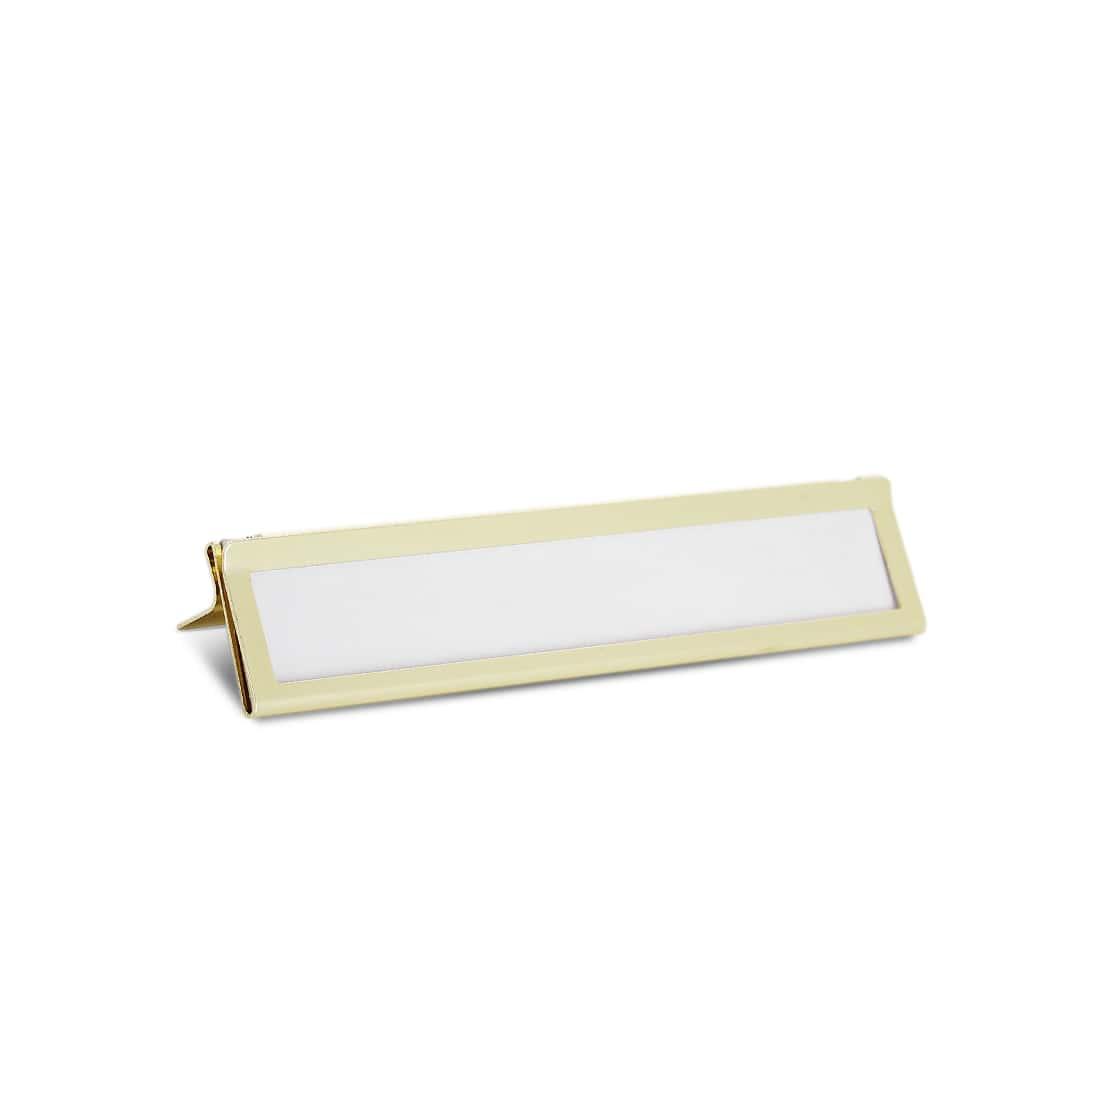 séparateur adorini horizontal 82 x 42 x 9 mm